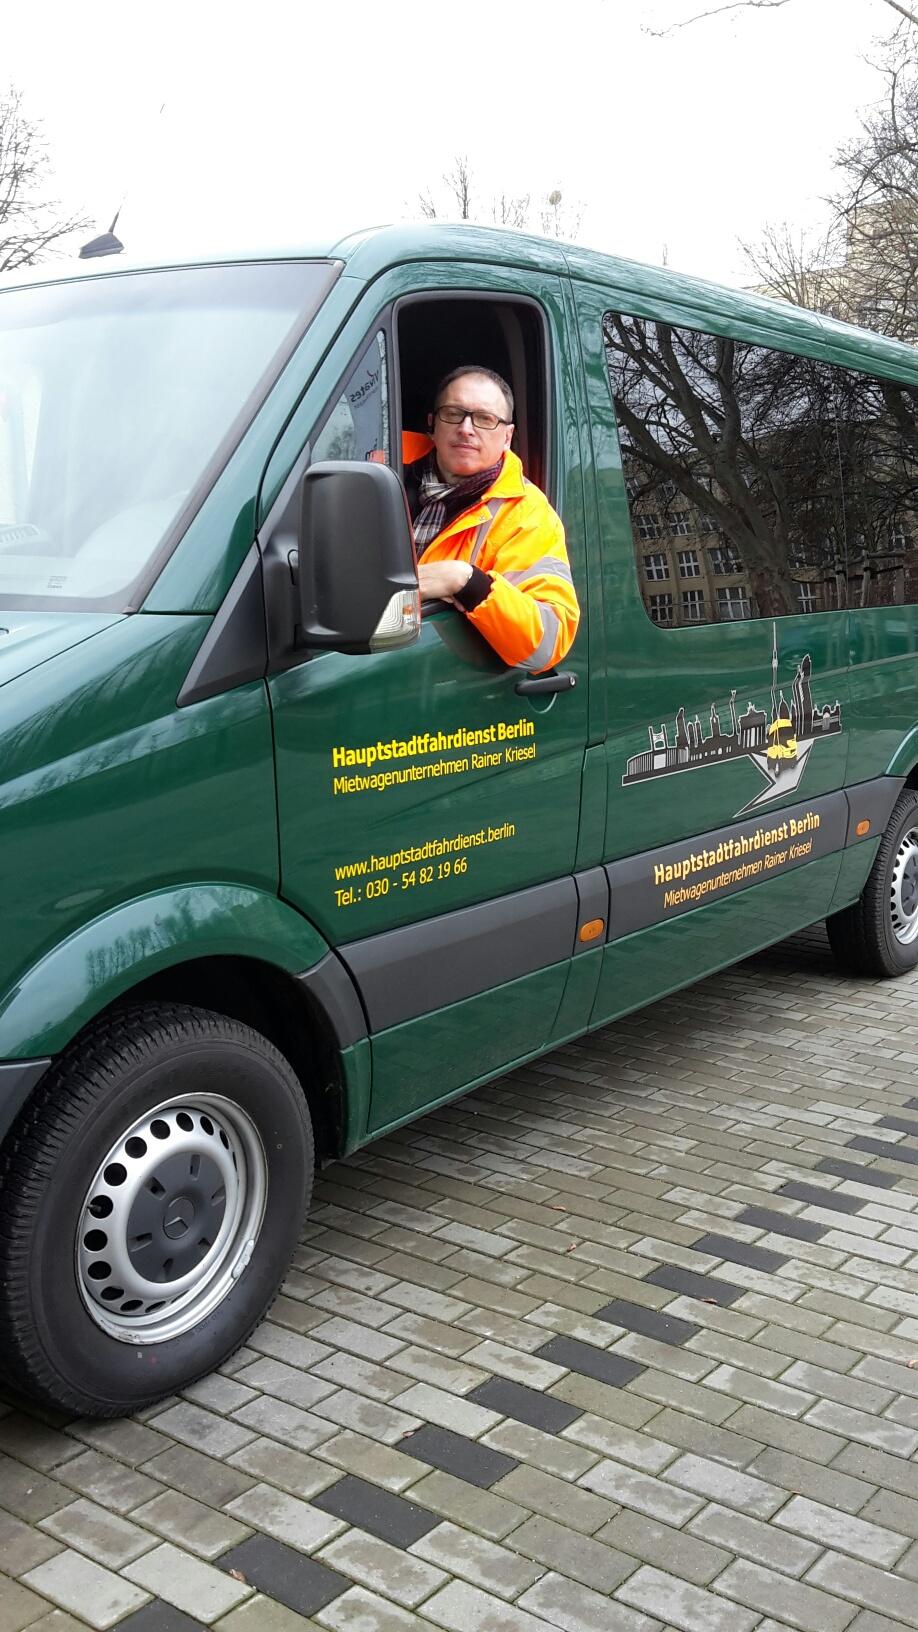 Behindertenfahrdienst Mietwagenunternehmen Rainer Kriesel - Hauptstadt Fahrdienst Berlin